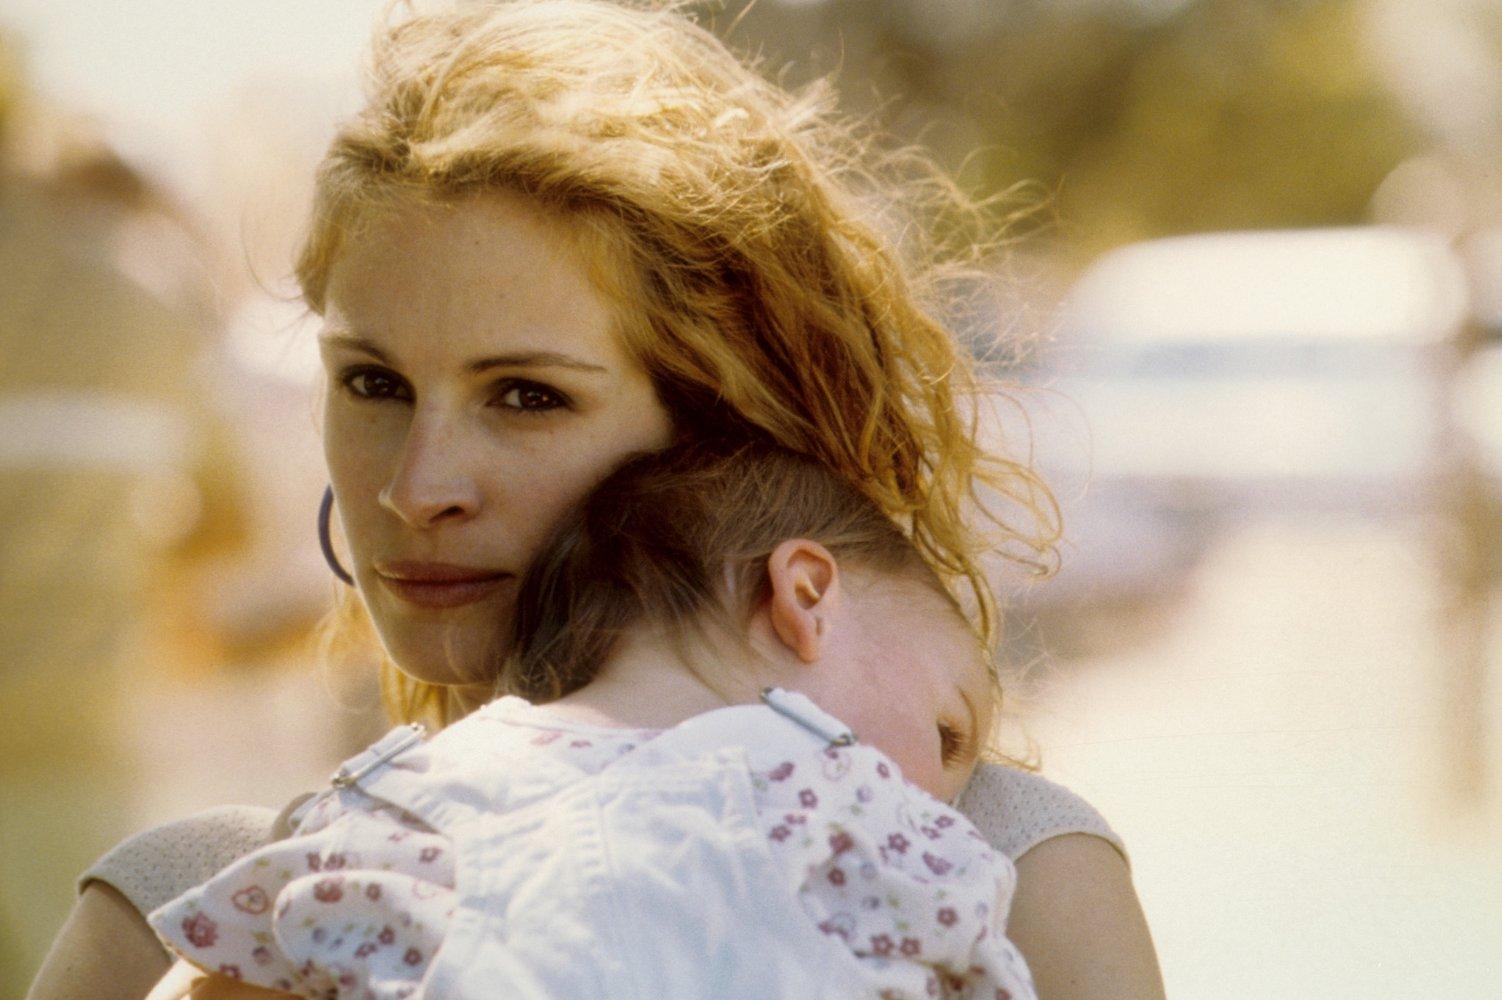 Лучшая женская роль Оскар 25 лет Джулия Робертс Эрин Брокович 2000